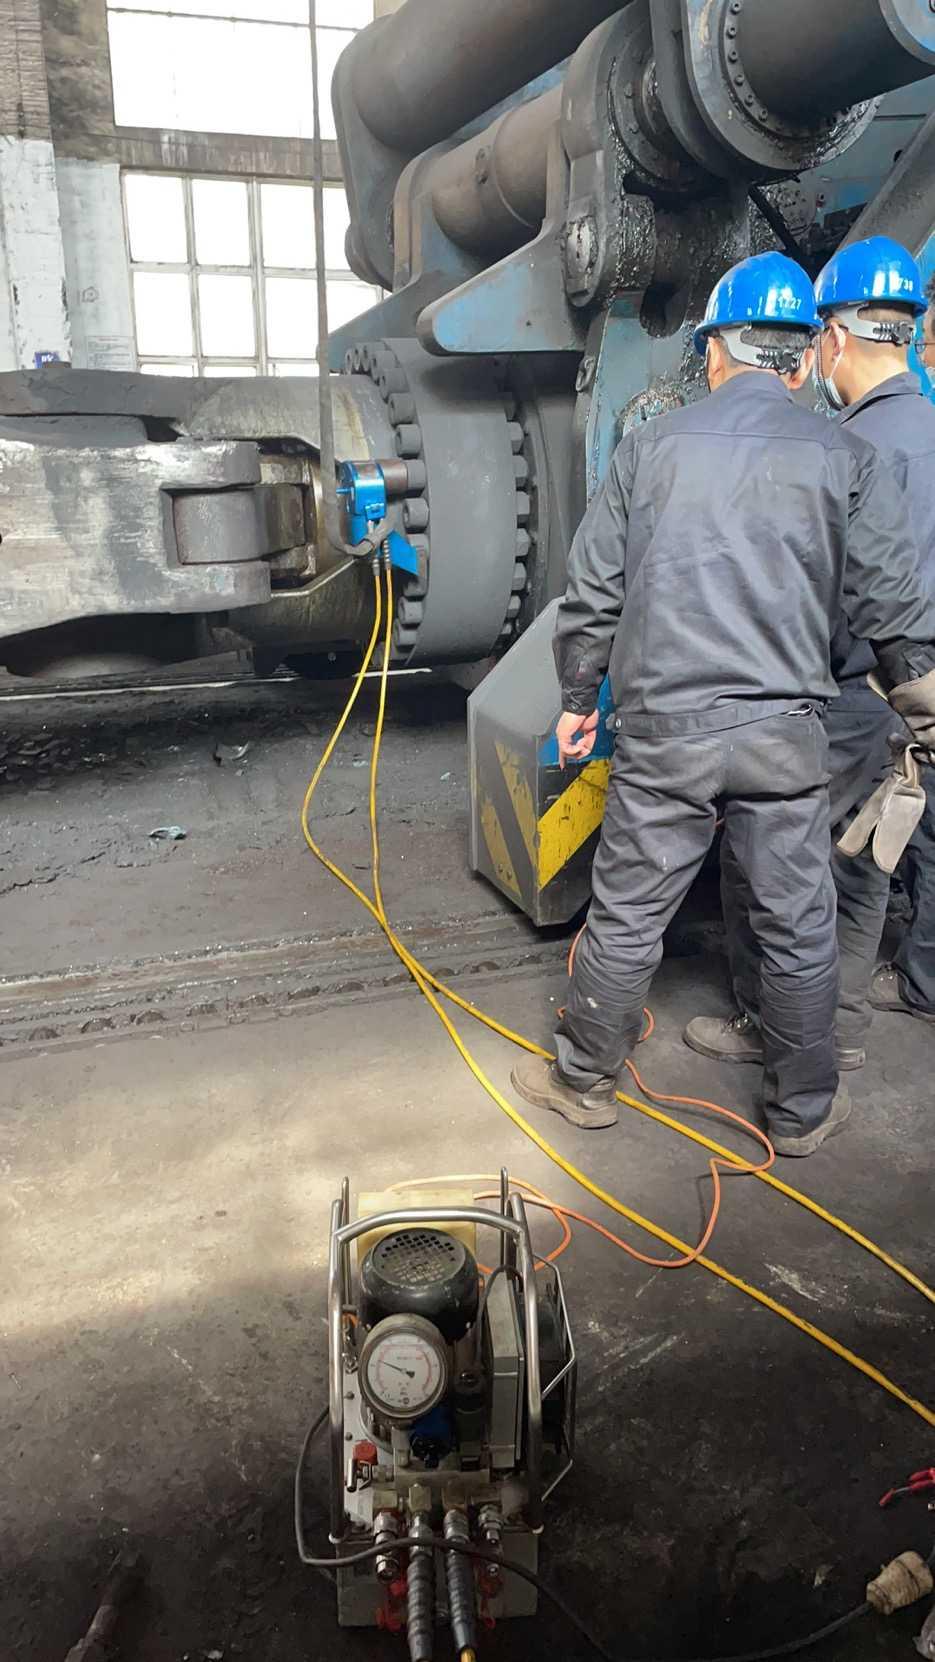 液压扳手助力某重工企业检修